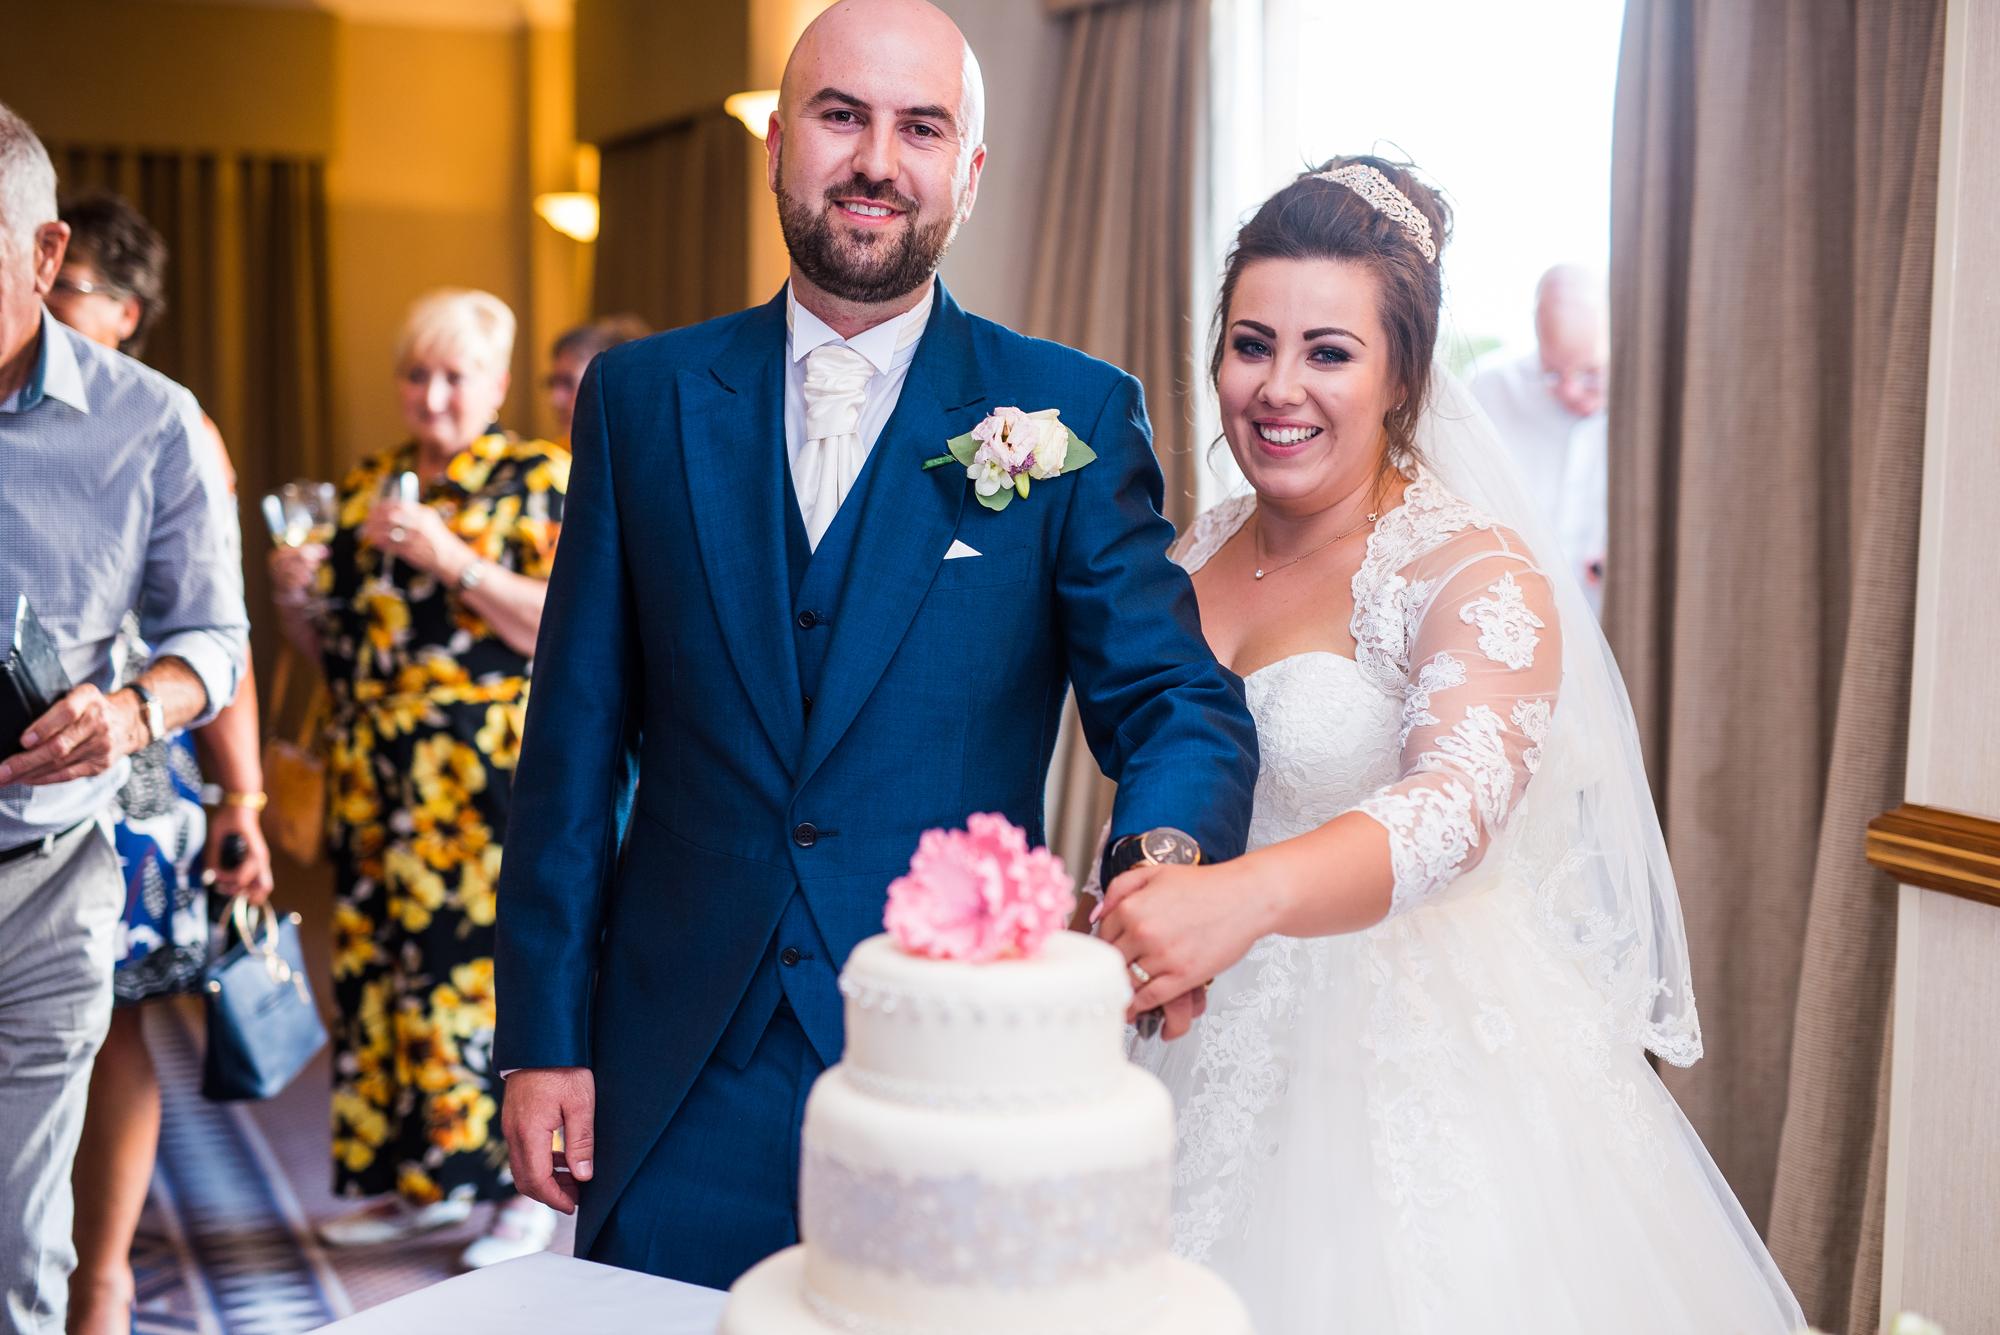 Roise and John wedding photos (352 of 383).jpg